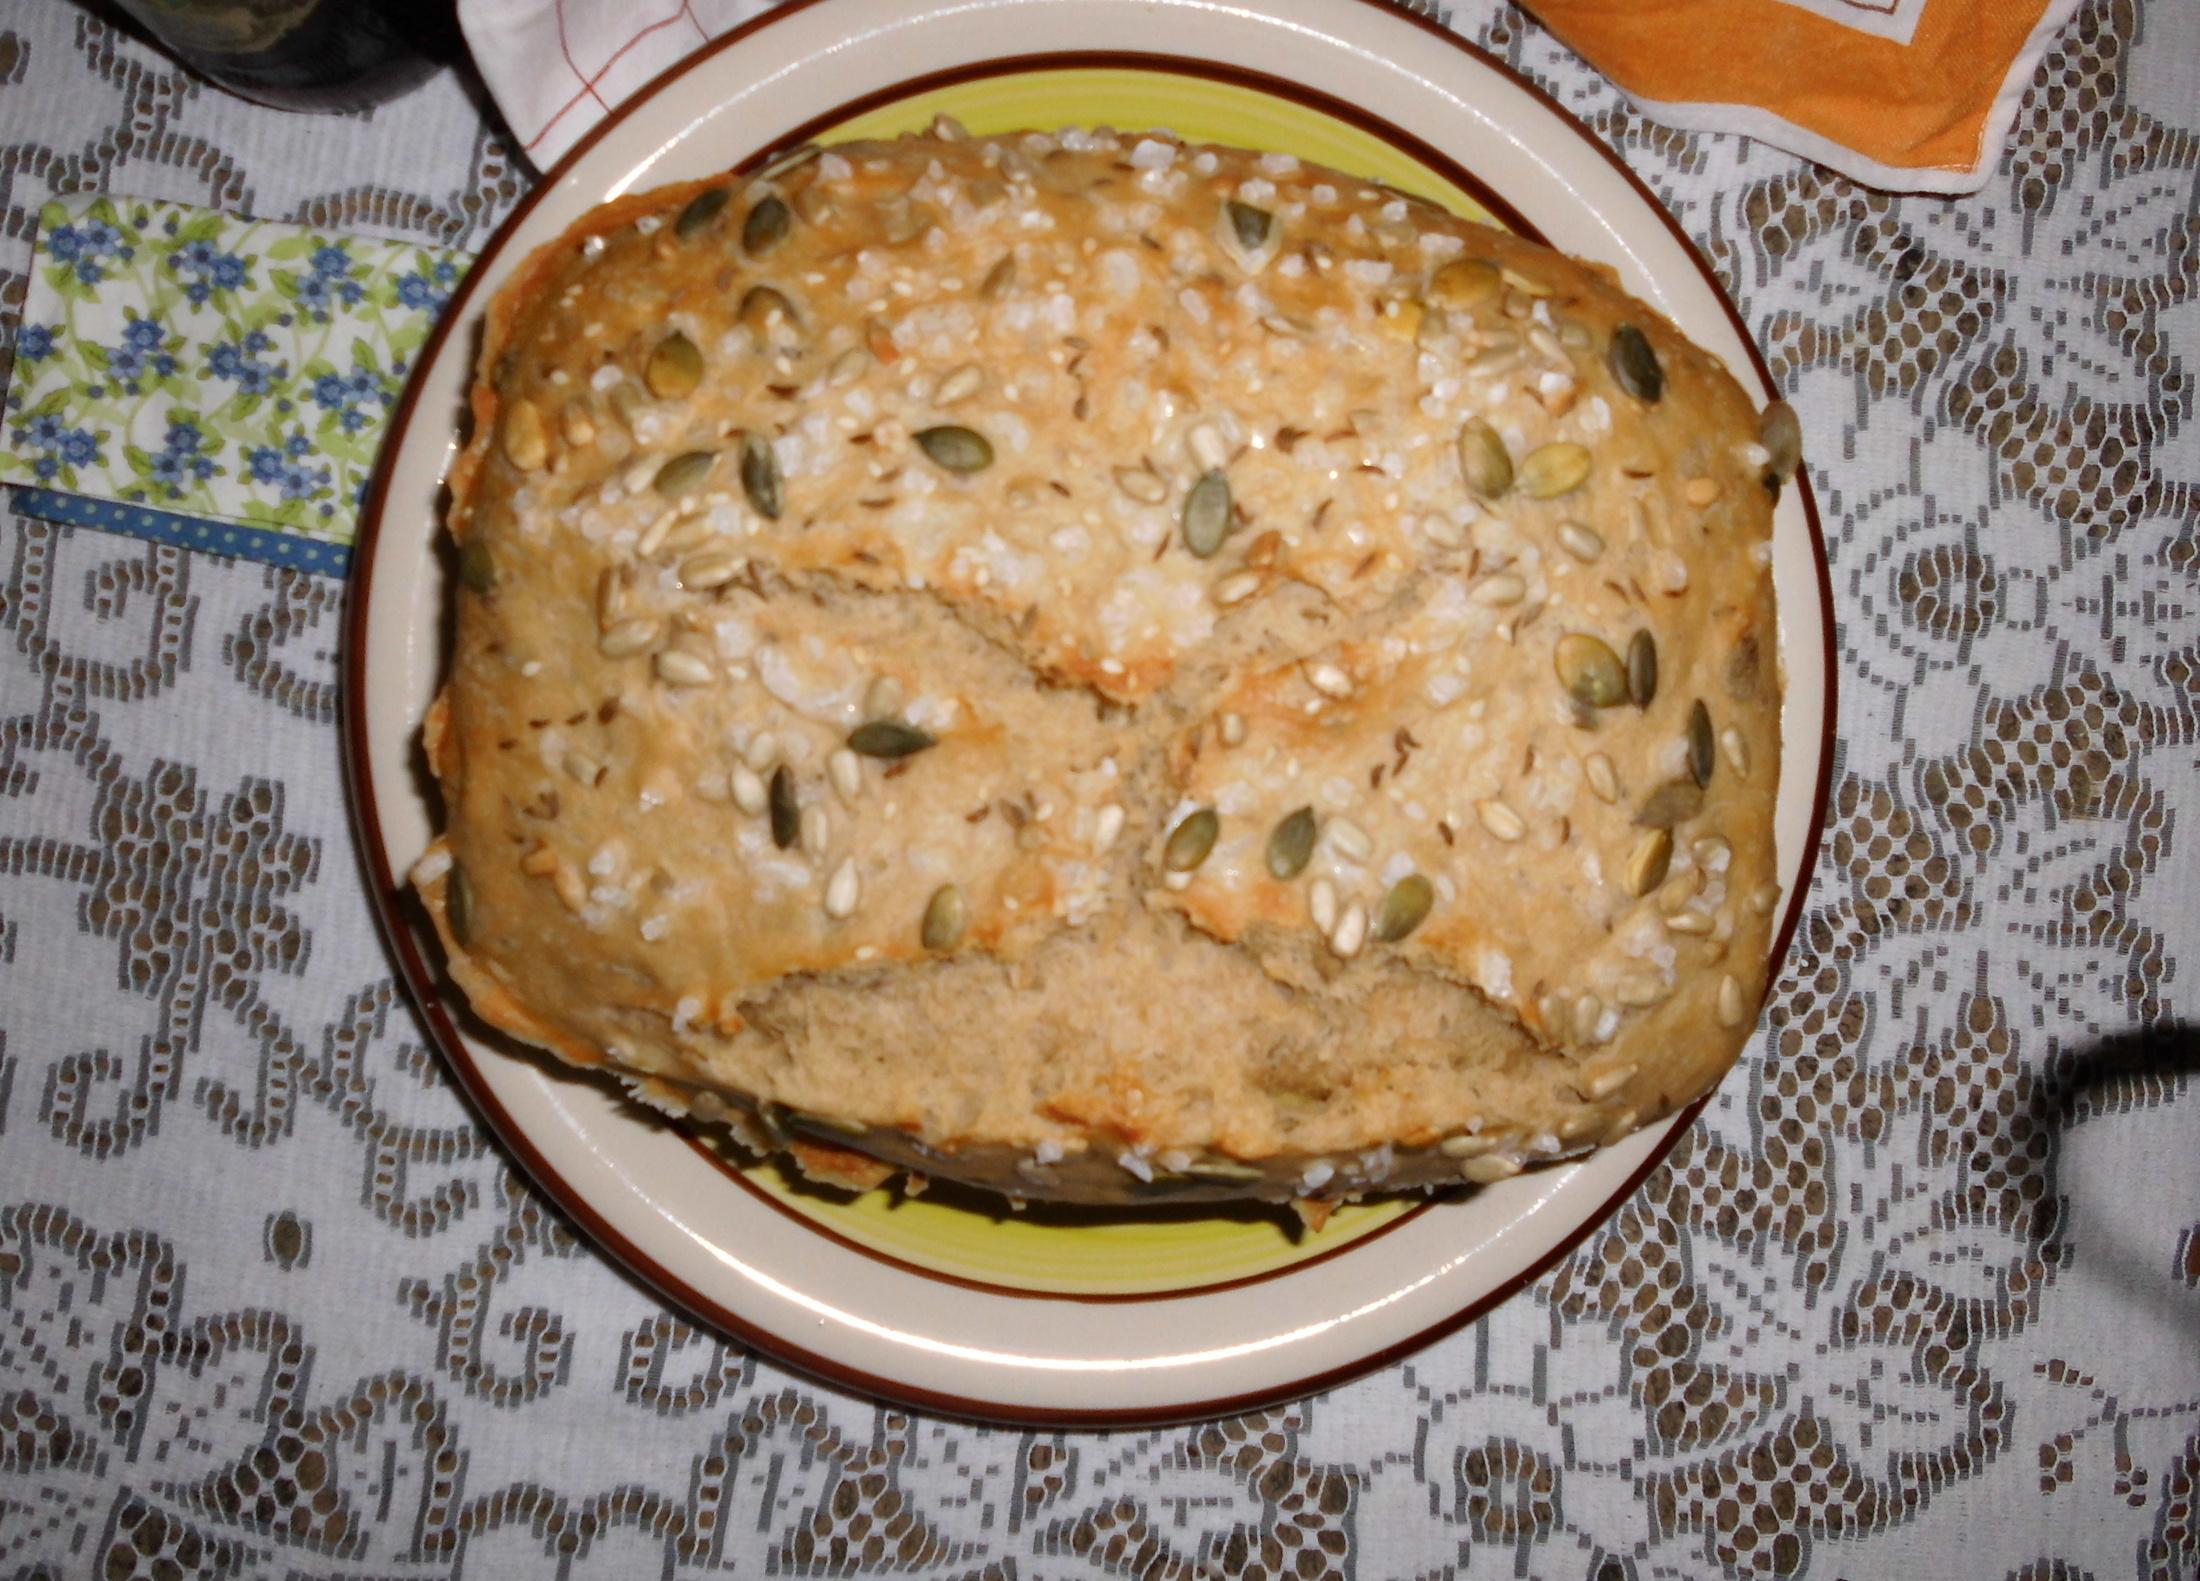 Recept Kájin chleba - Kájin chleba se semínky a hrubozrnnou solí